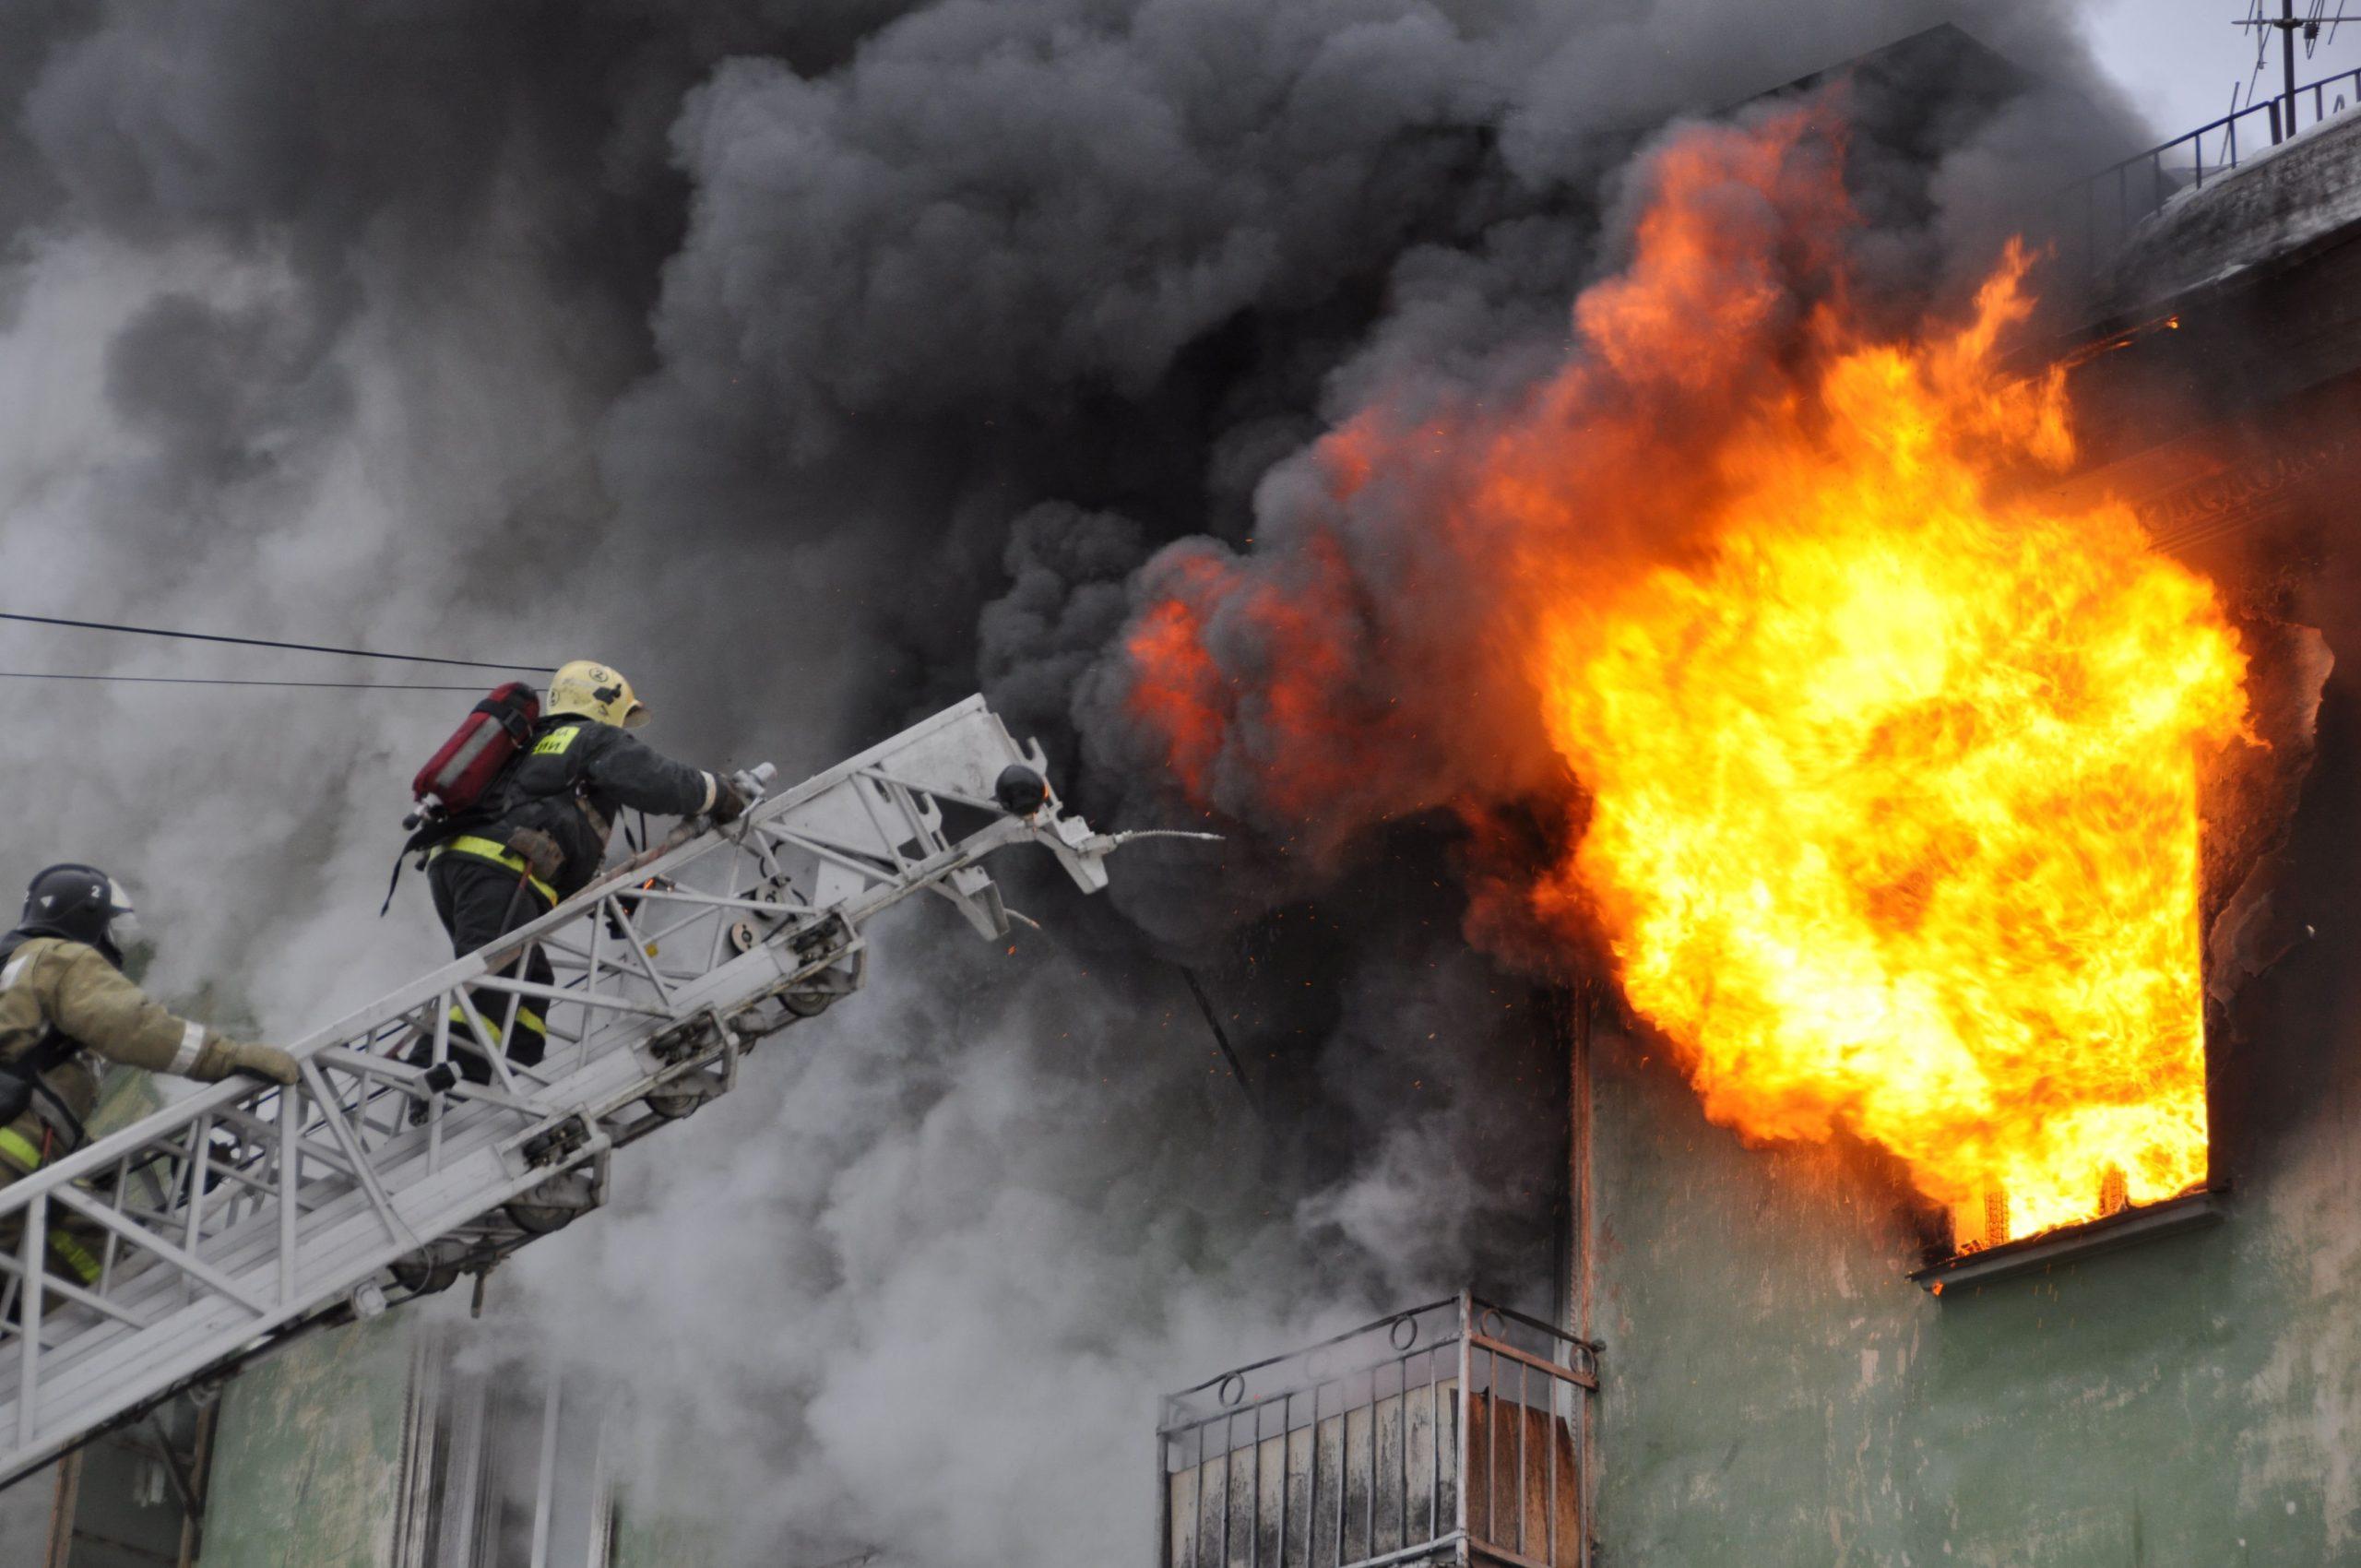 В Тверской области сотрудники МЧС спасли мужчину из горящего дома